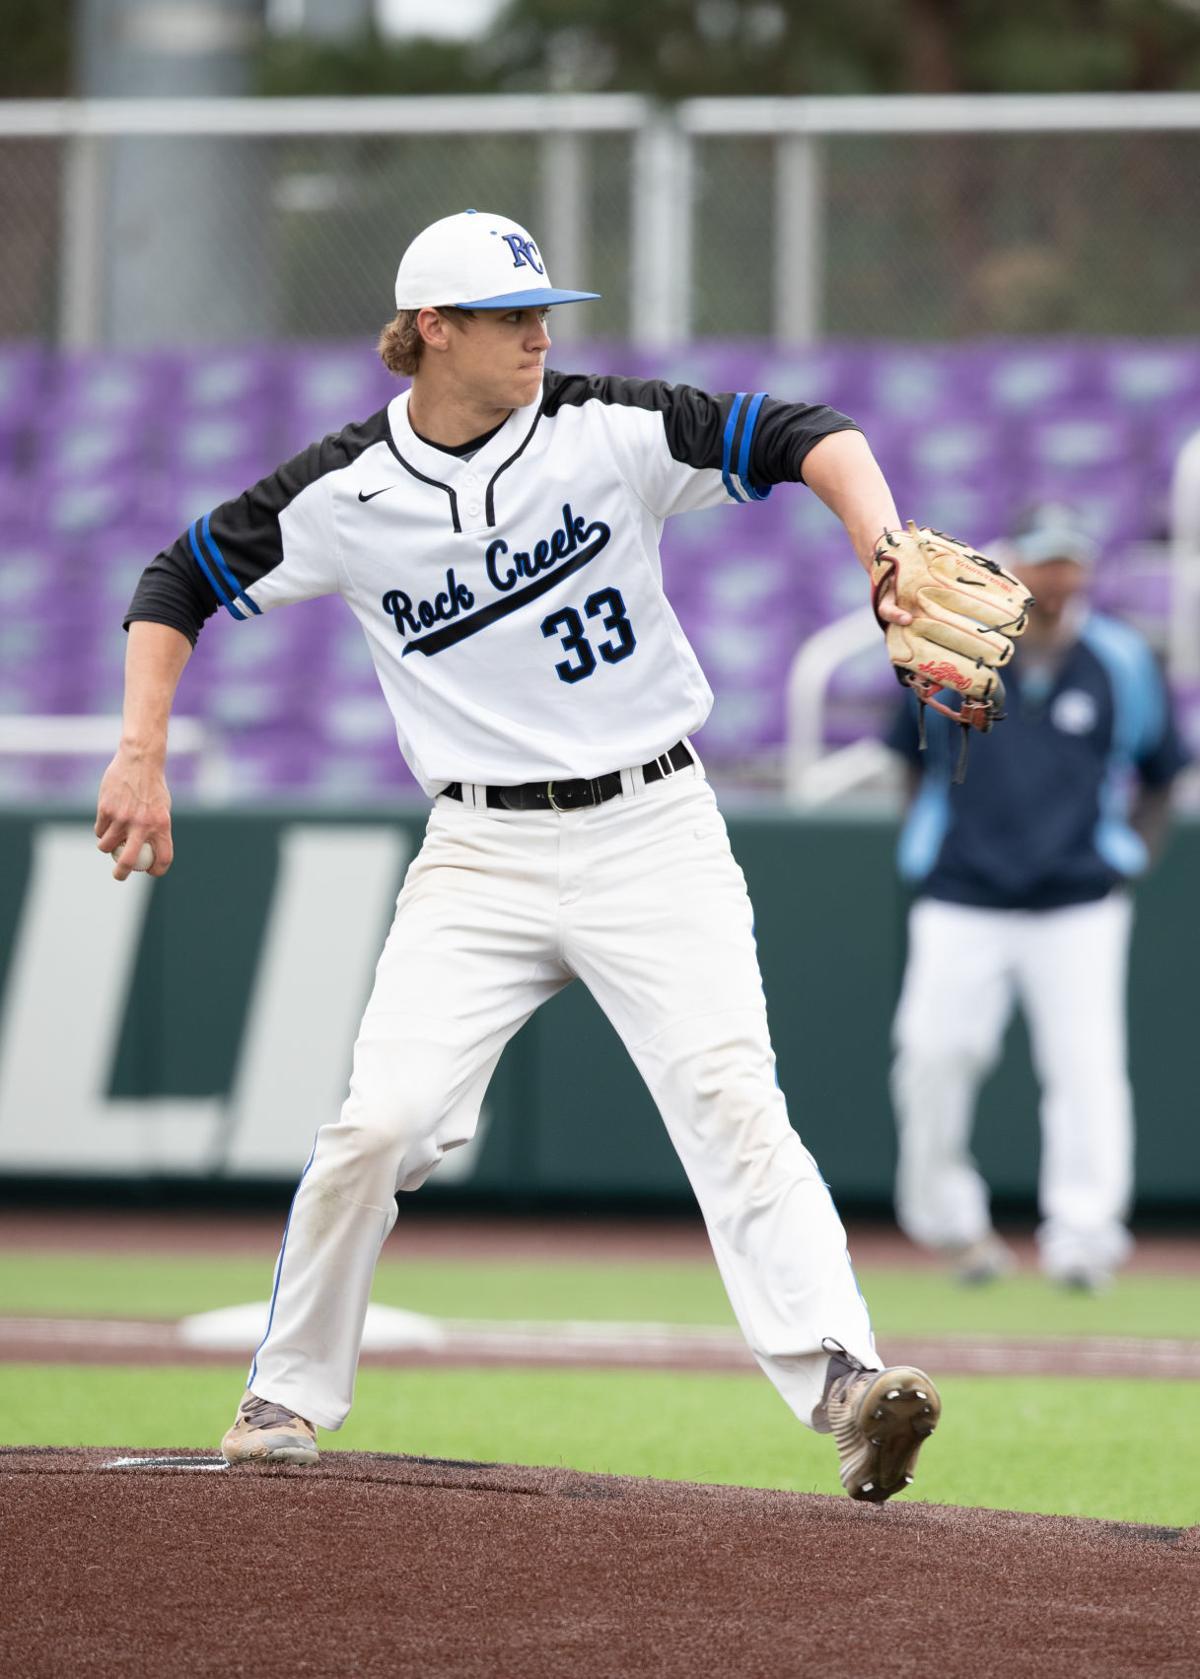 Toby Becker, Rock Creek pitcher